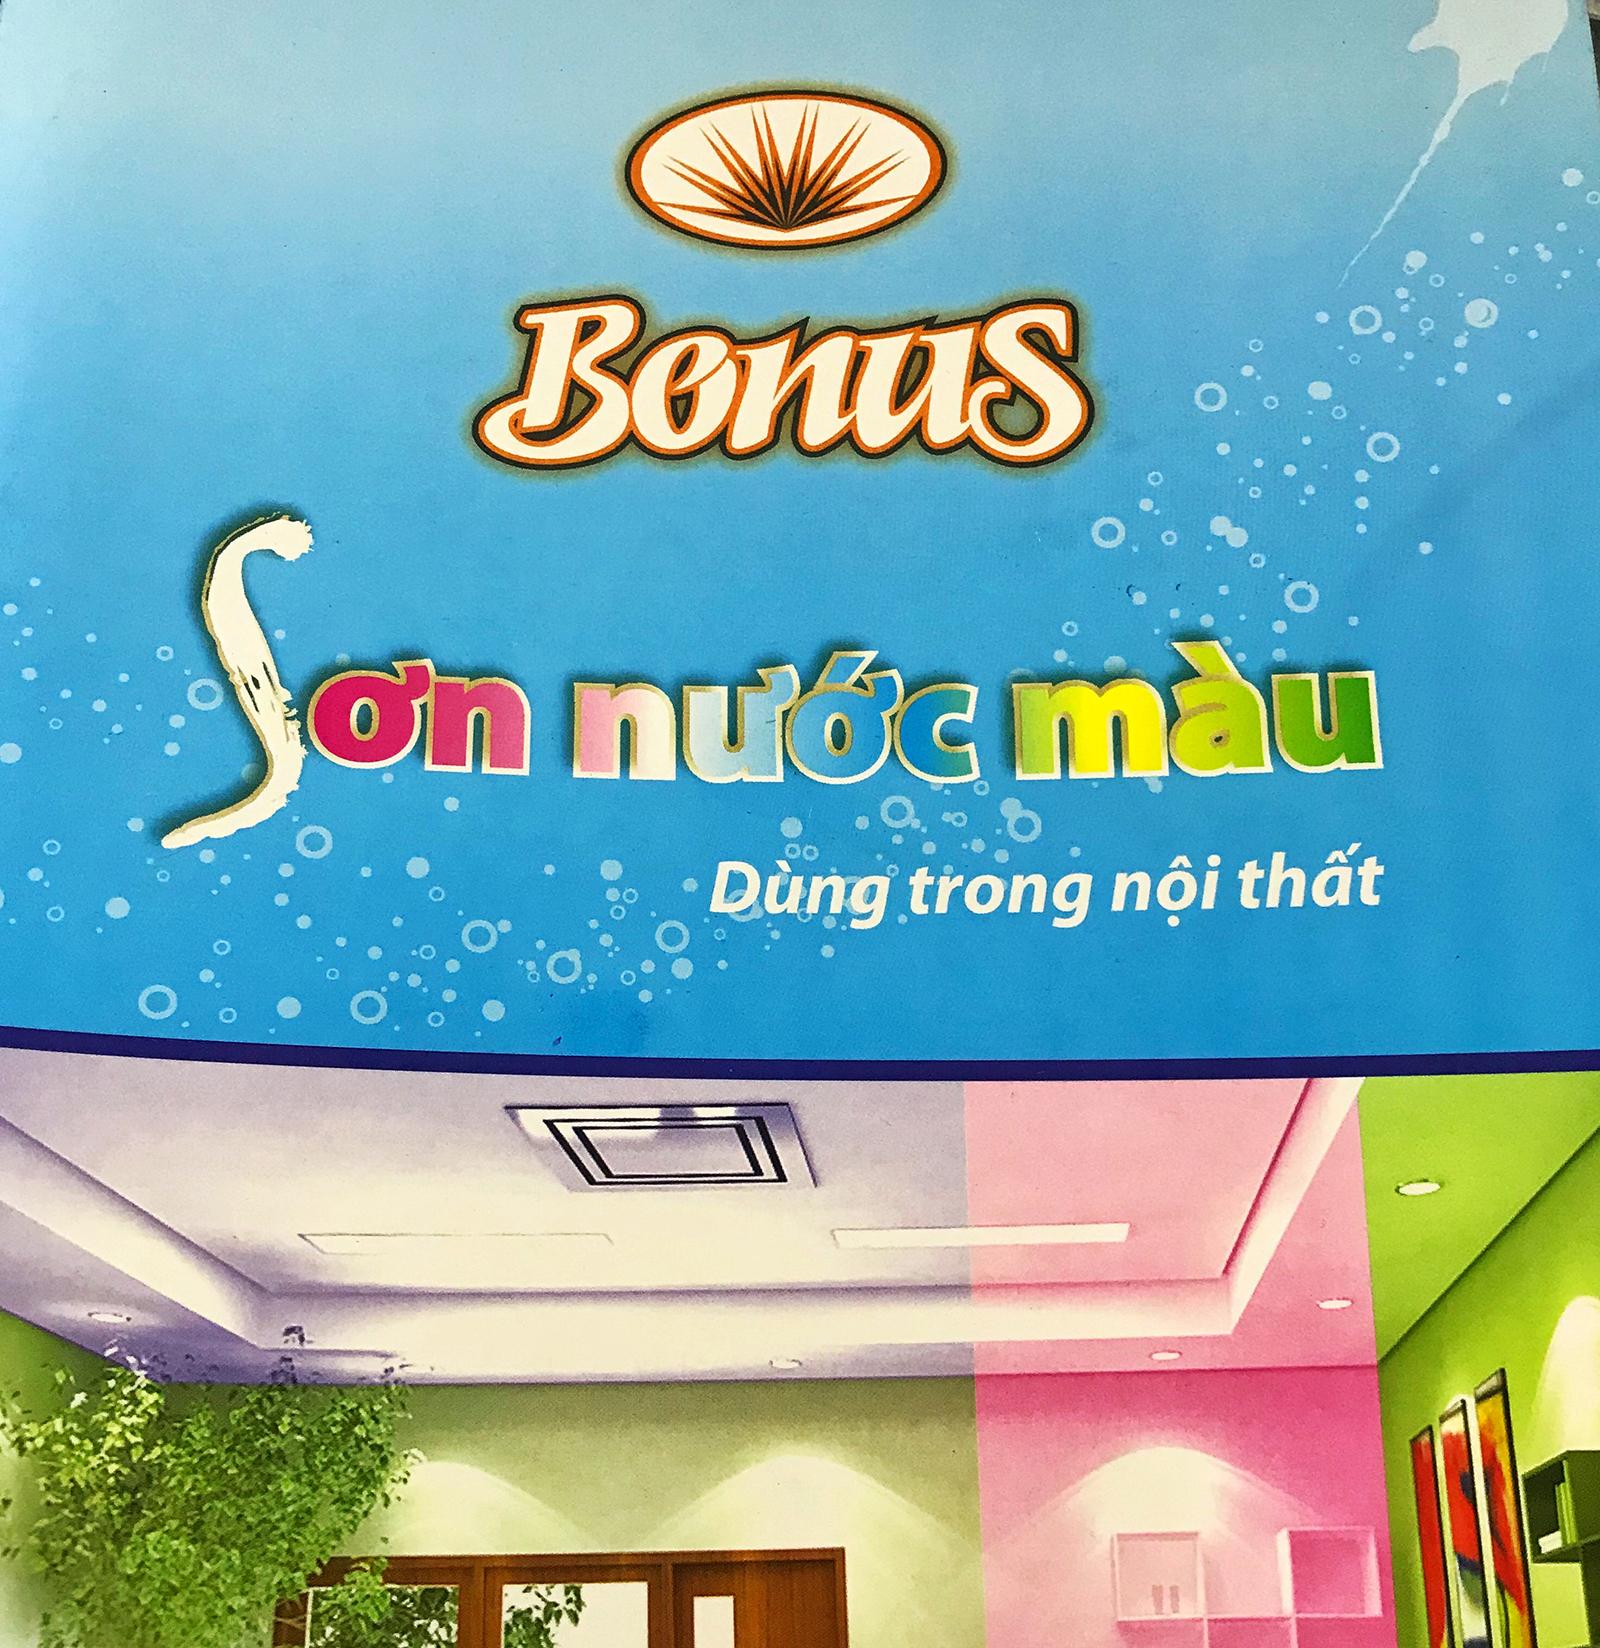 Bảng màu sơn nước nội thất Bonus